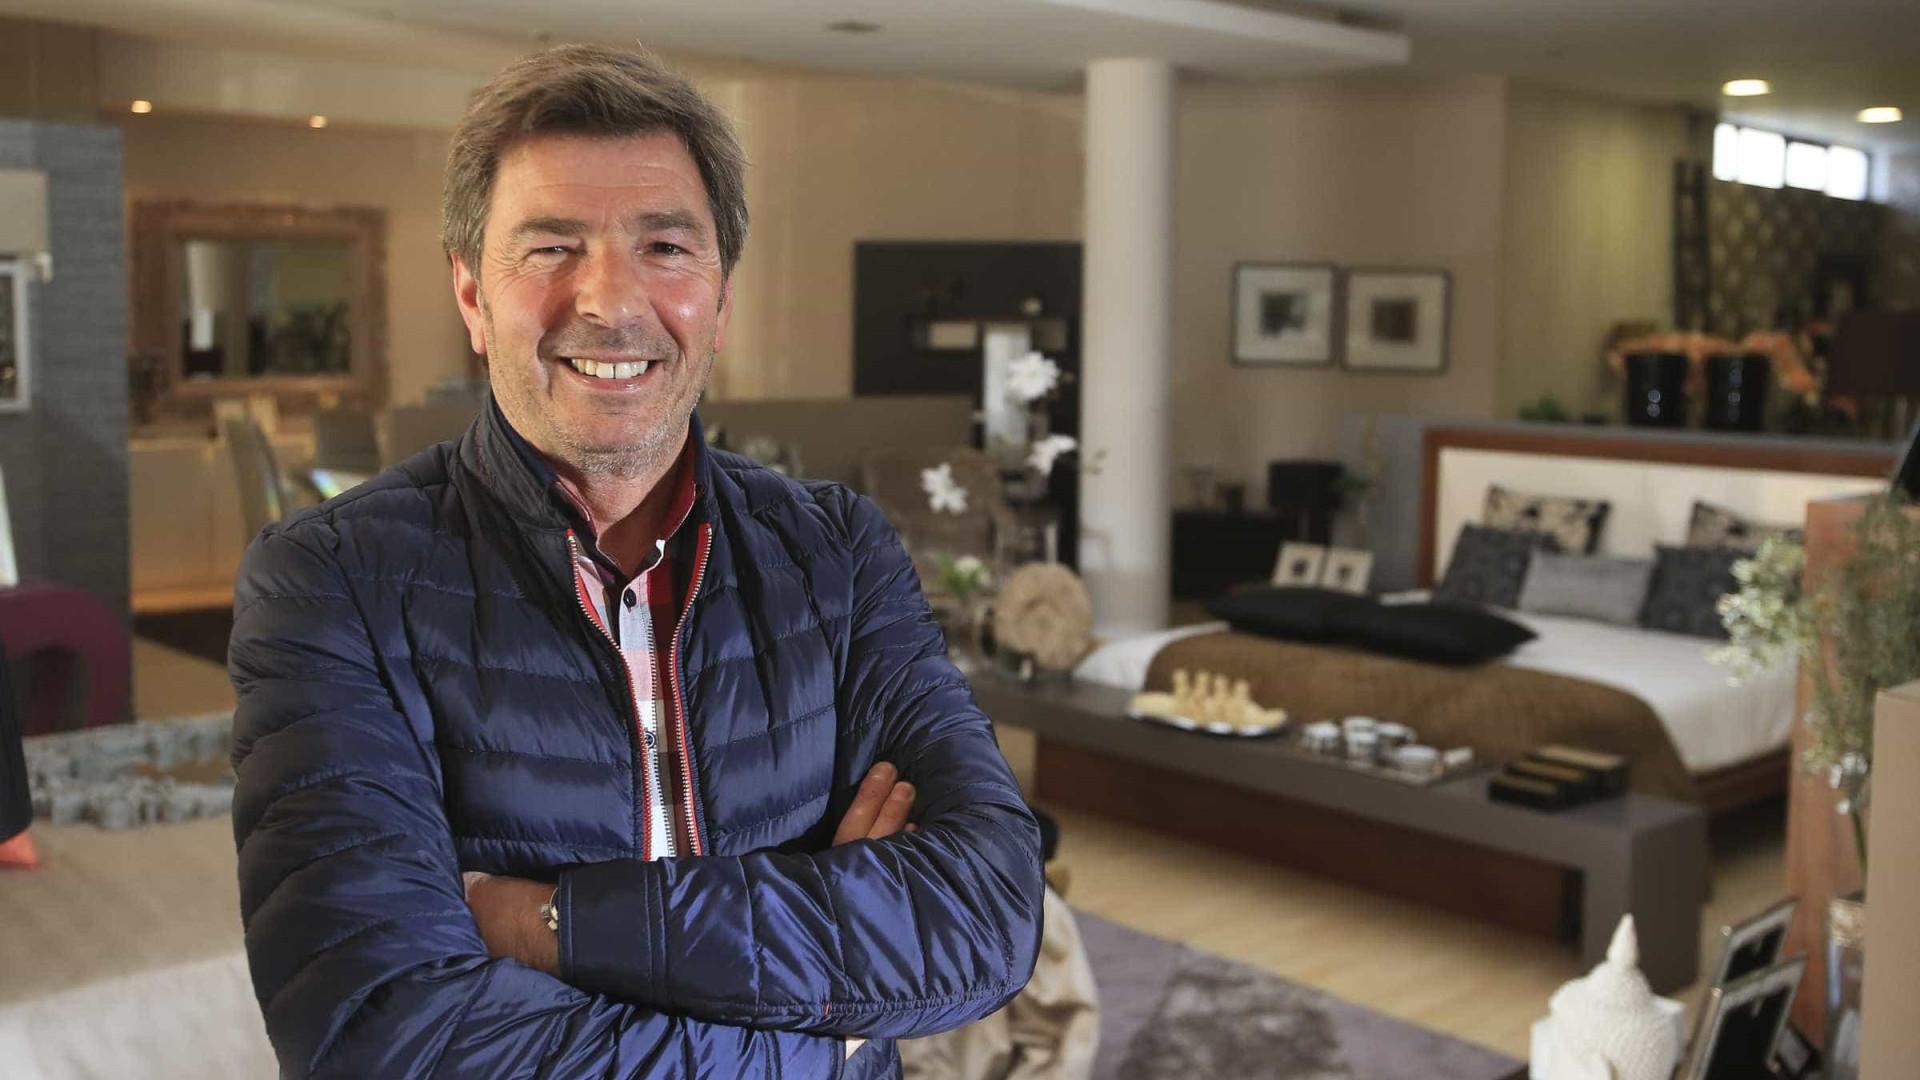 Carlos Barbosa confirma recandidatura à presidência do Paços de Ferreira